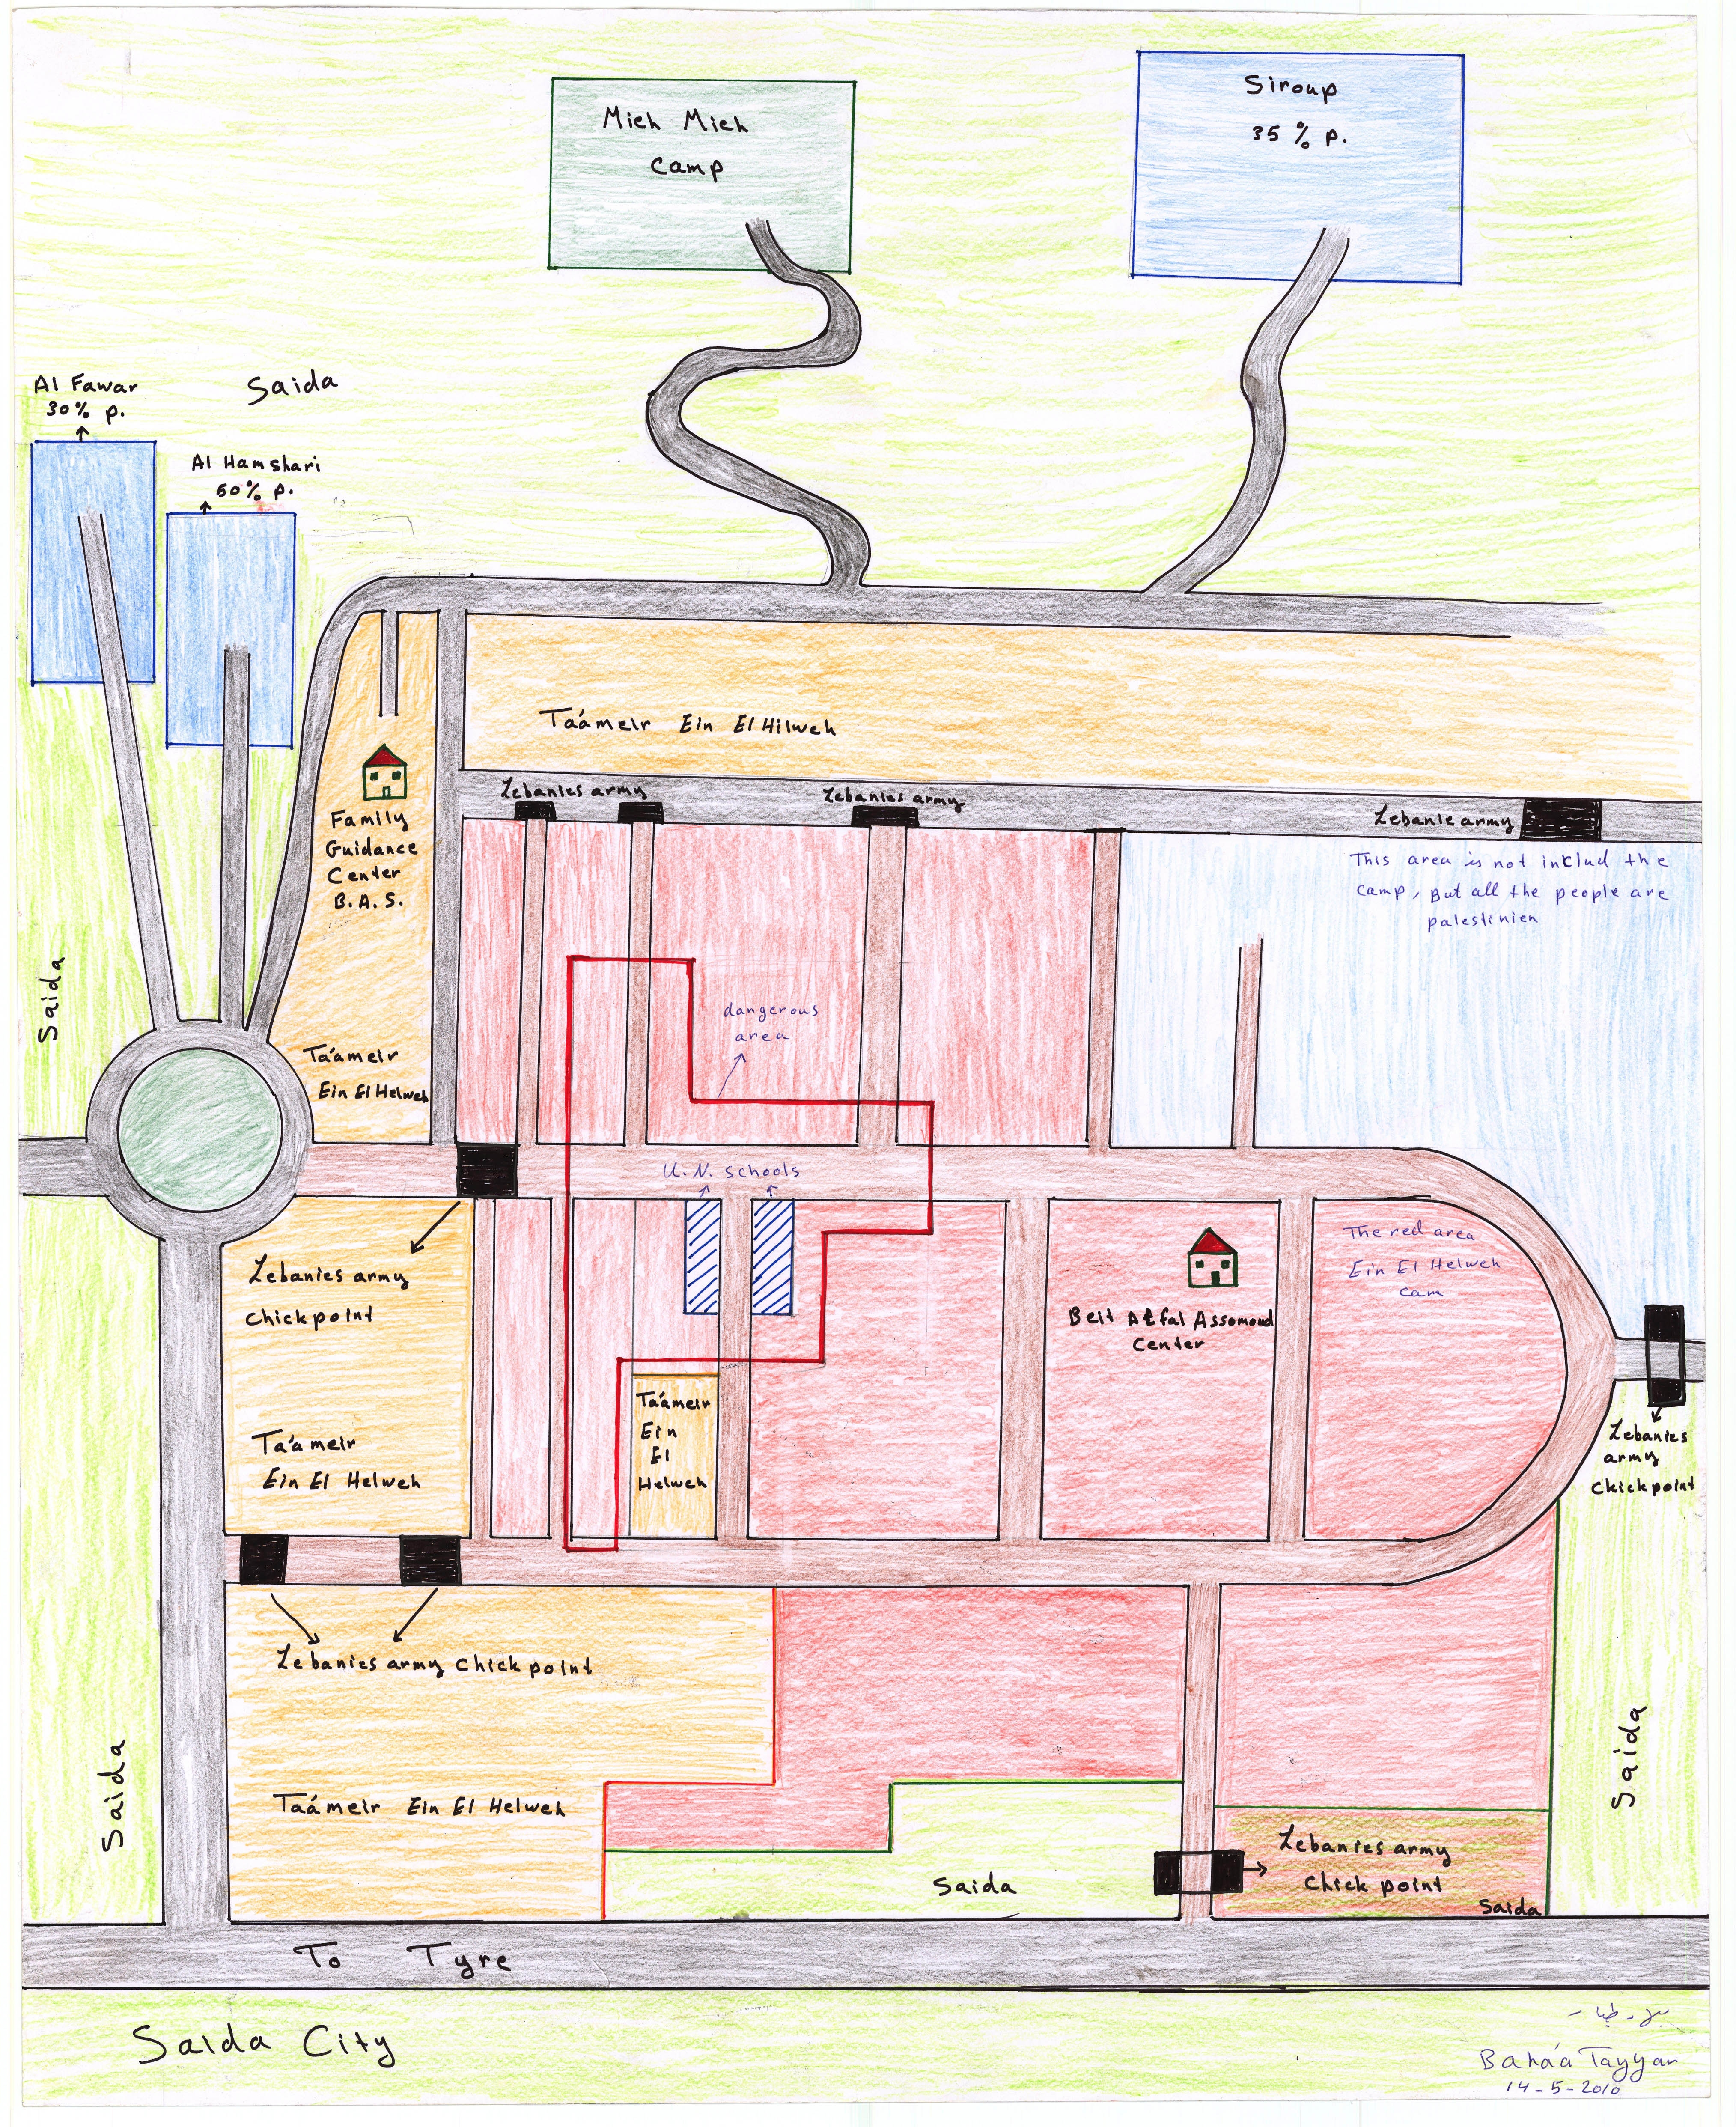 Ein el-Helweh_map